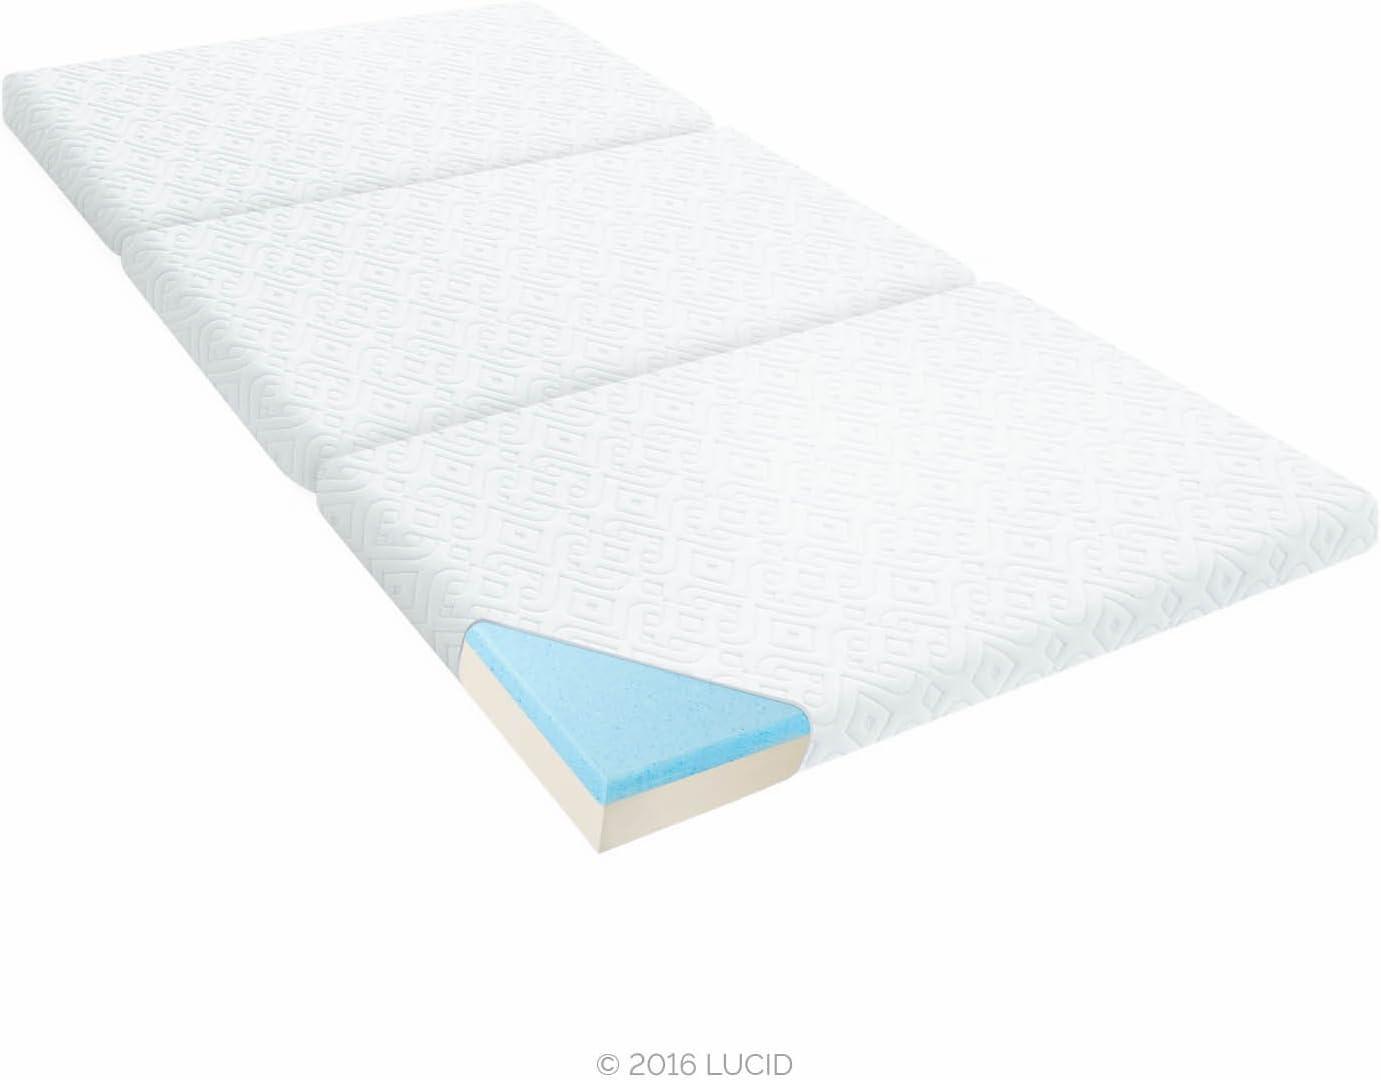 LUCID 3 Folding Gel Memory Foam Mattress, Twin